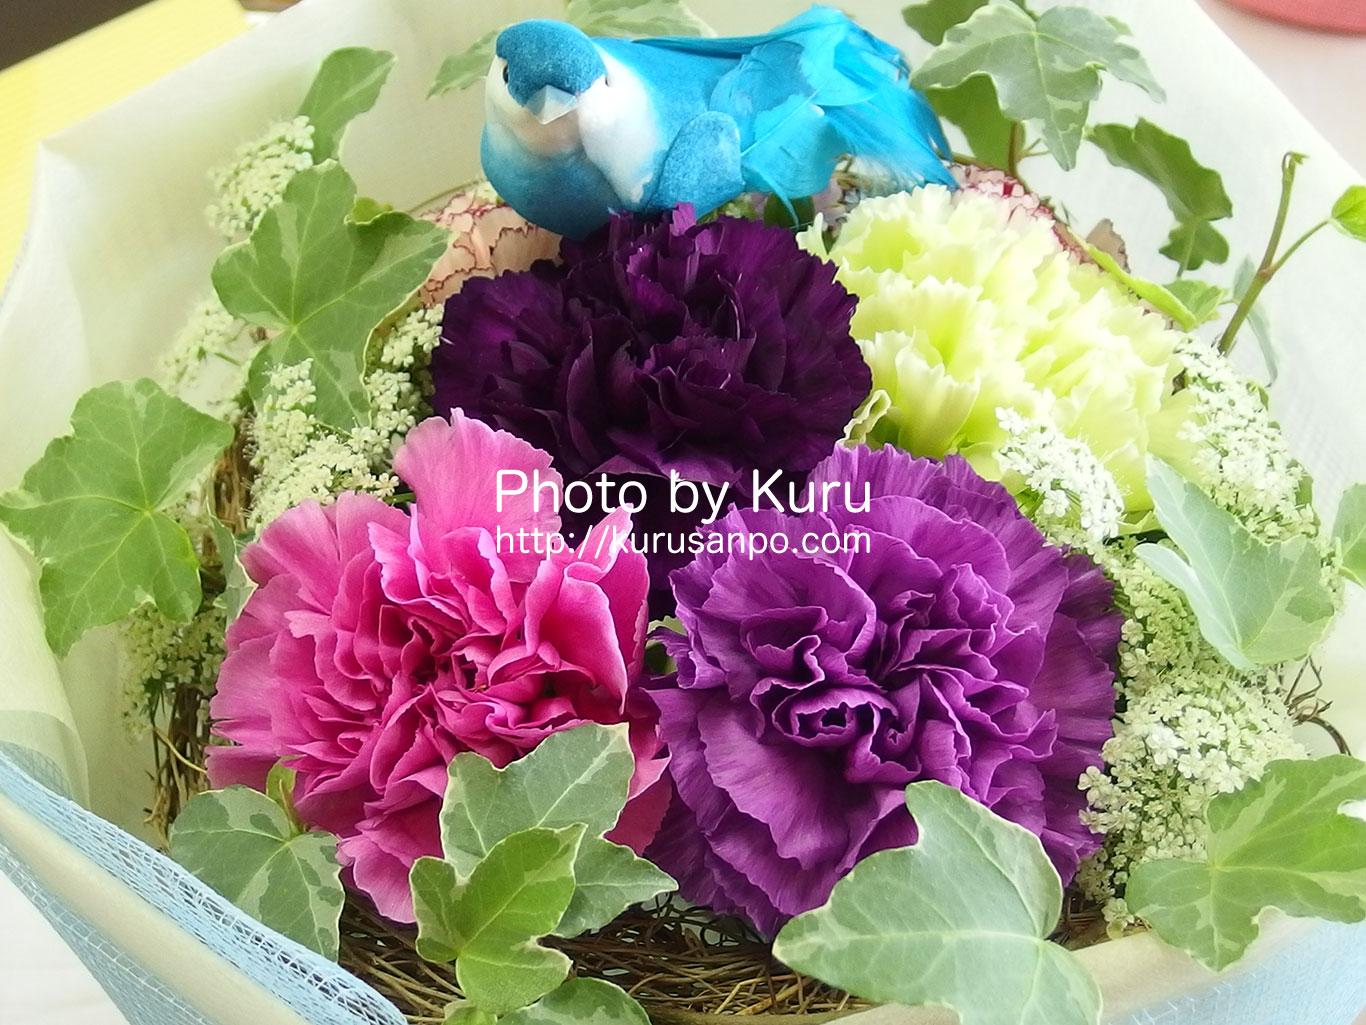 幸せを願う青い『カーネーション』と幸せを呼ぶ青い鳥のブーケを母の日のプレゼントに……♪